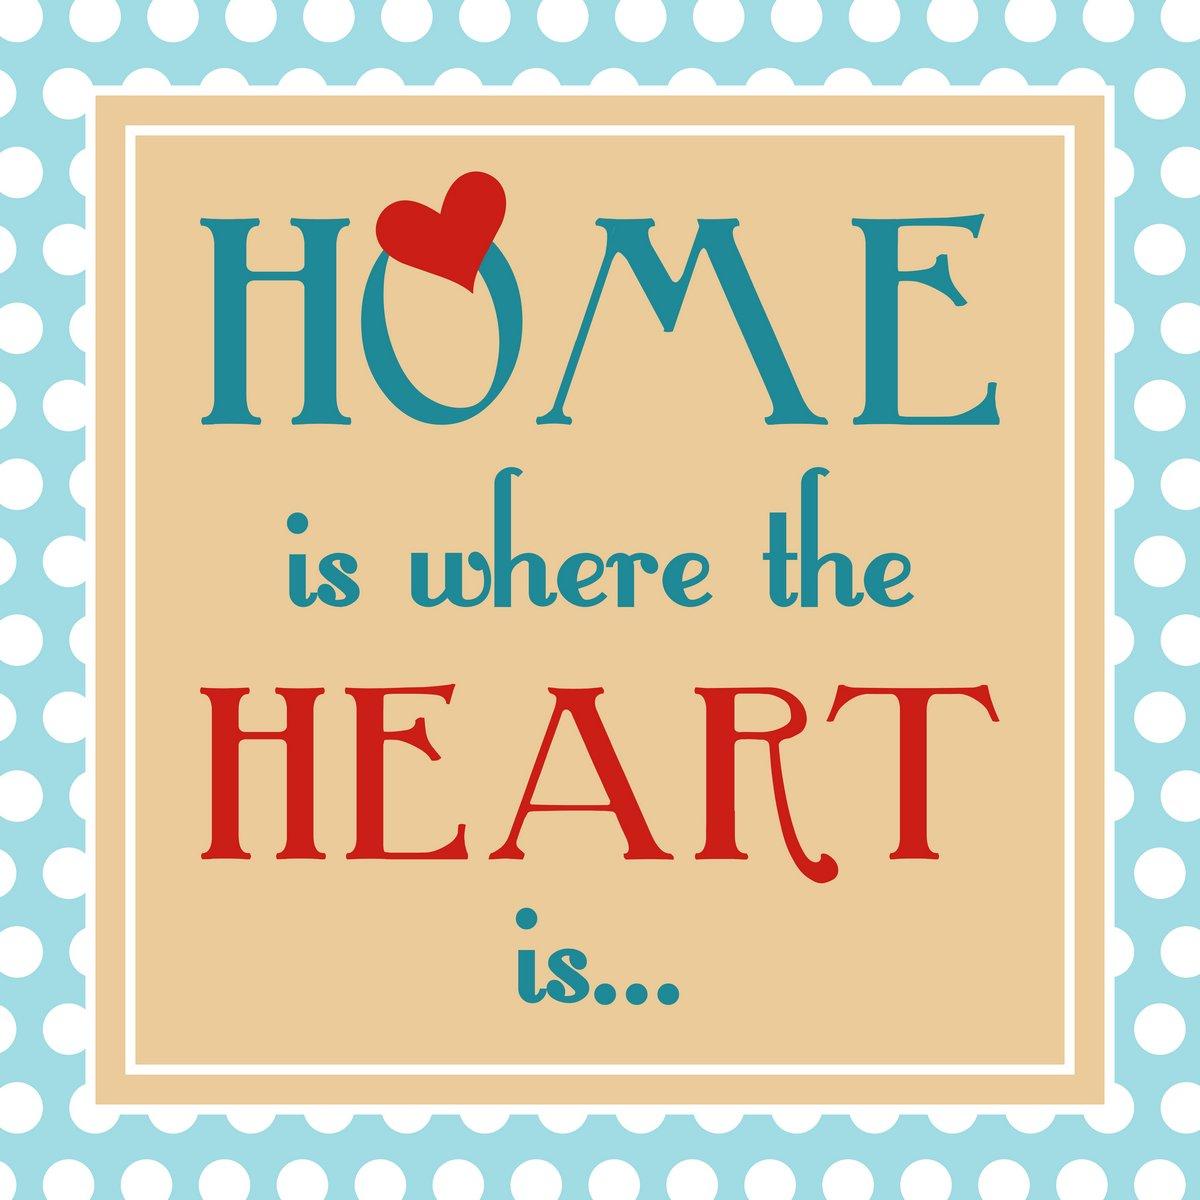 Постер-картина Мотивационный плакат Дом там, где сердцеМотивационный плакат<br>Постер на холсте или бумаге. Любого нужного вам размера. В раме или без. Подвес в комплекте. Трехслойная надежная упаковка. Доставим в любую точку России. Вам осталось только повесить картину на стену!<br>